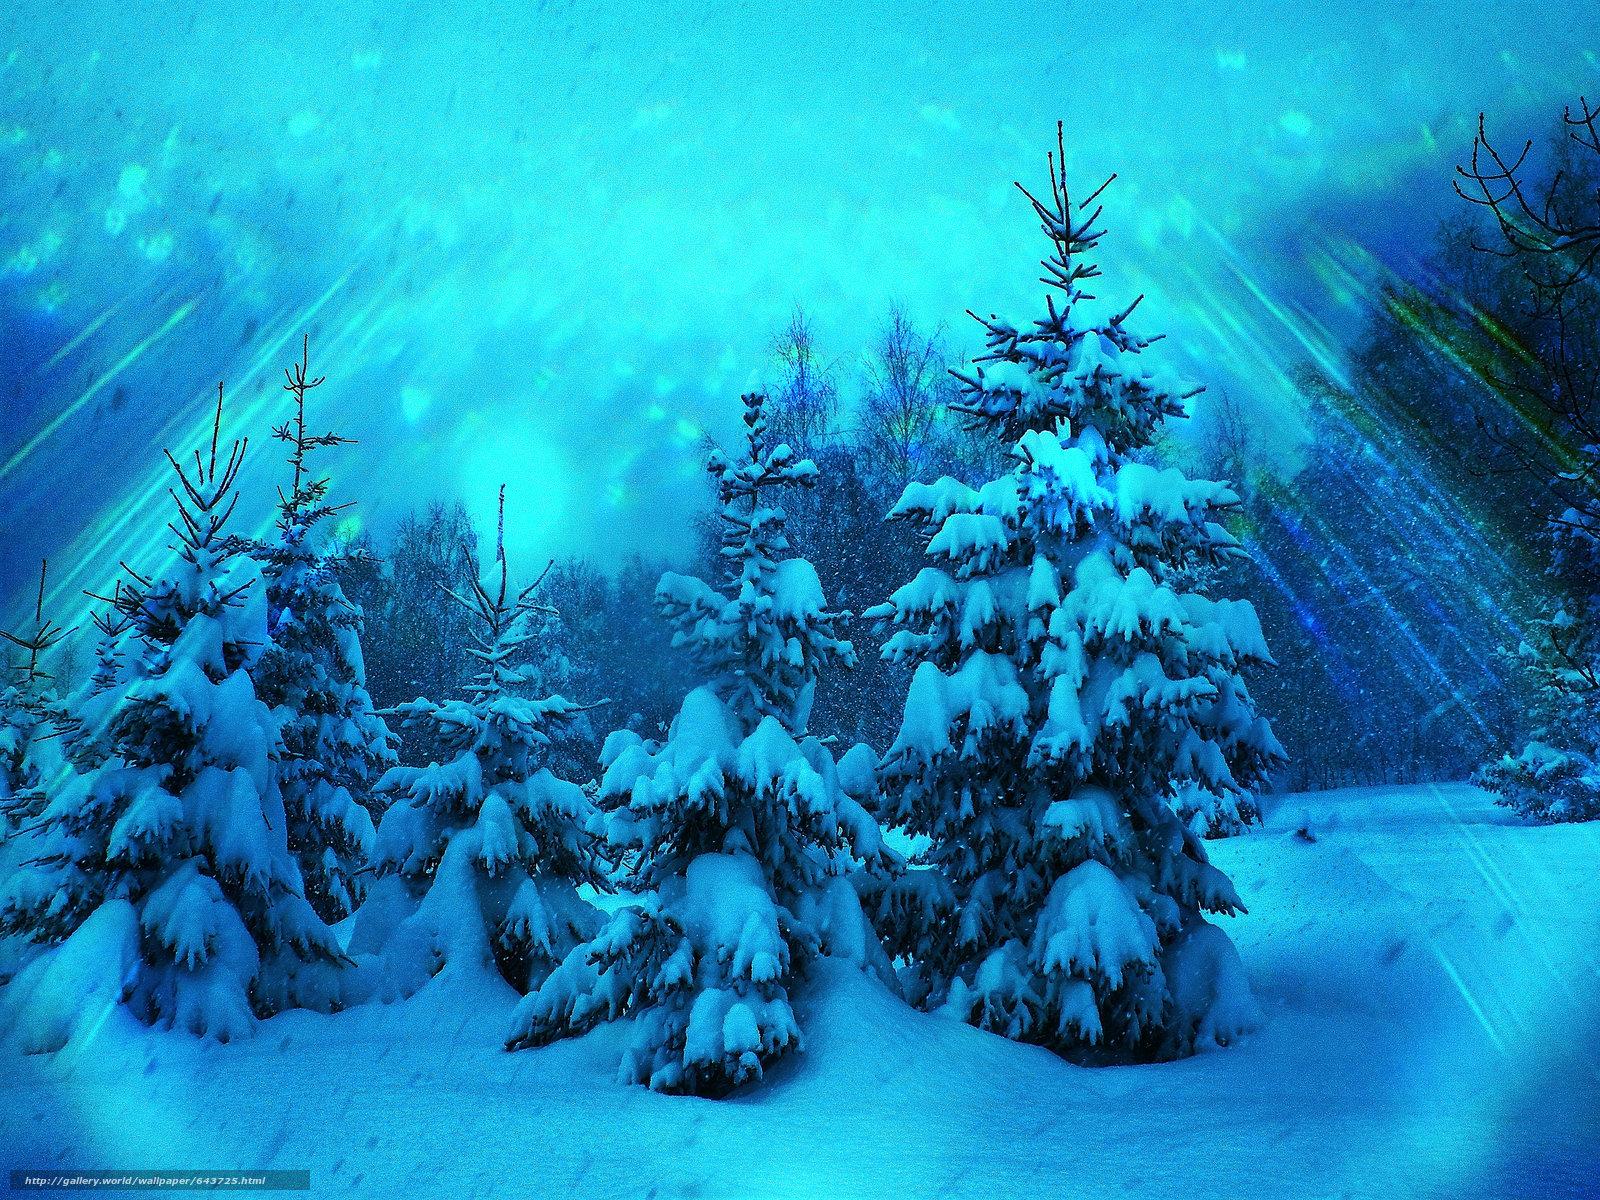 Скачать обои зима,  лес,  деревья,  ели бесплатно для рабочего стола в разрешении 3968x2976 — картинка №643725